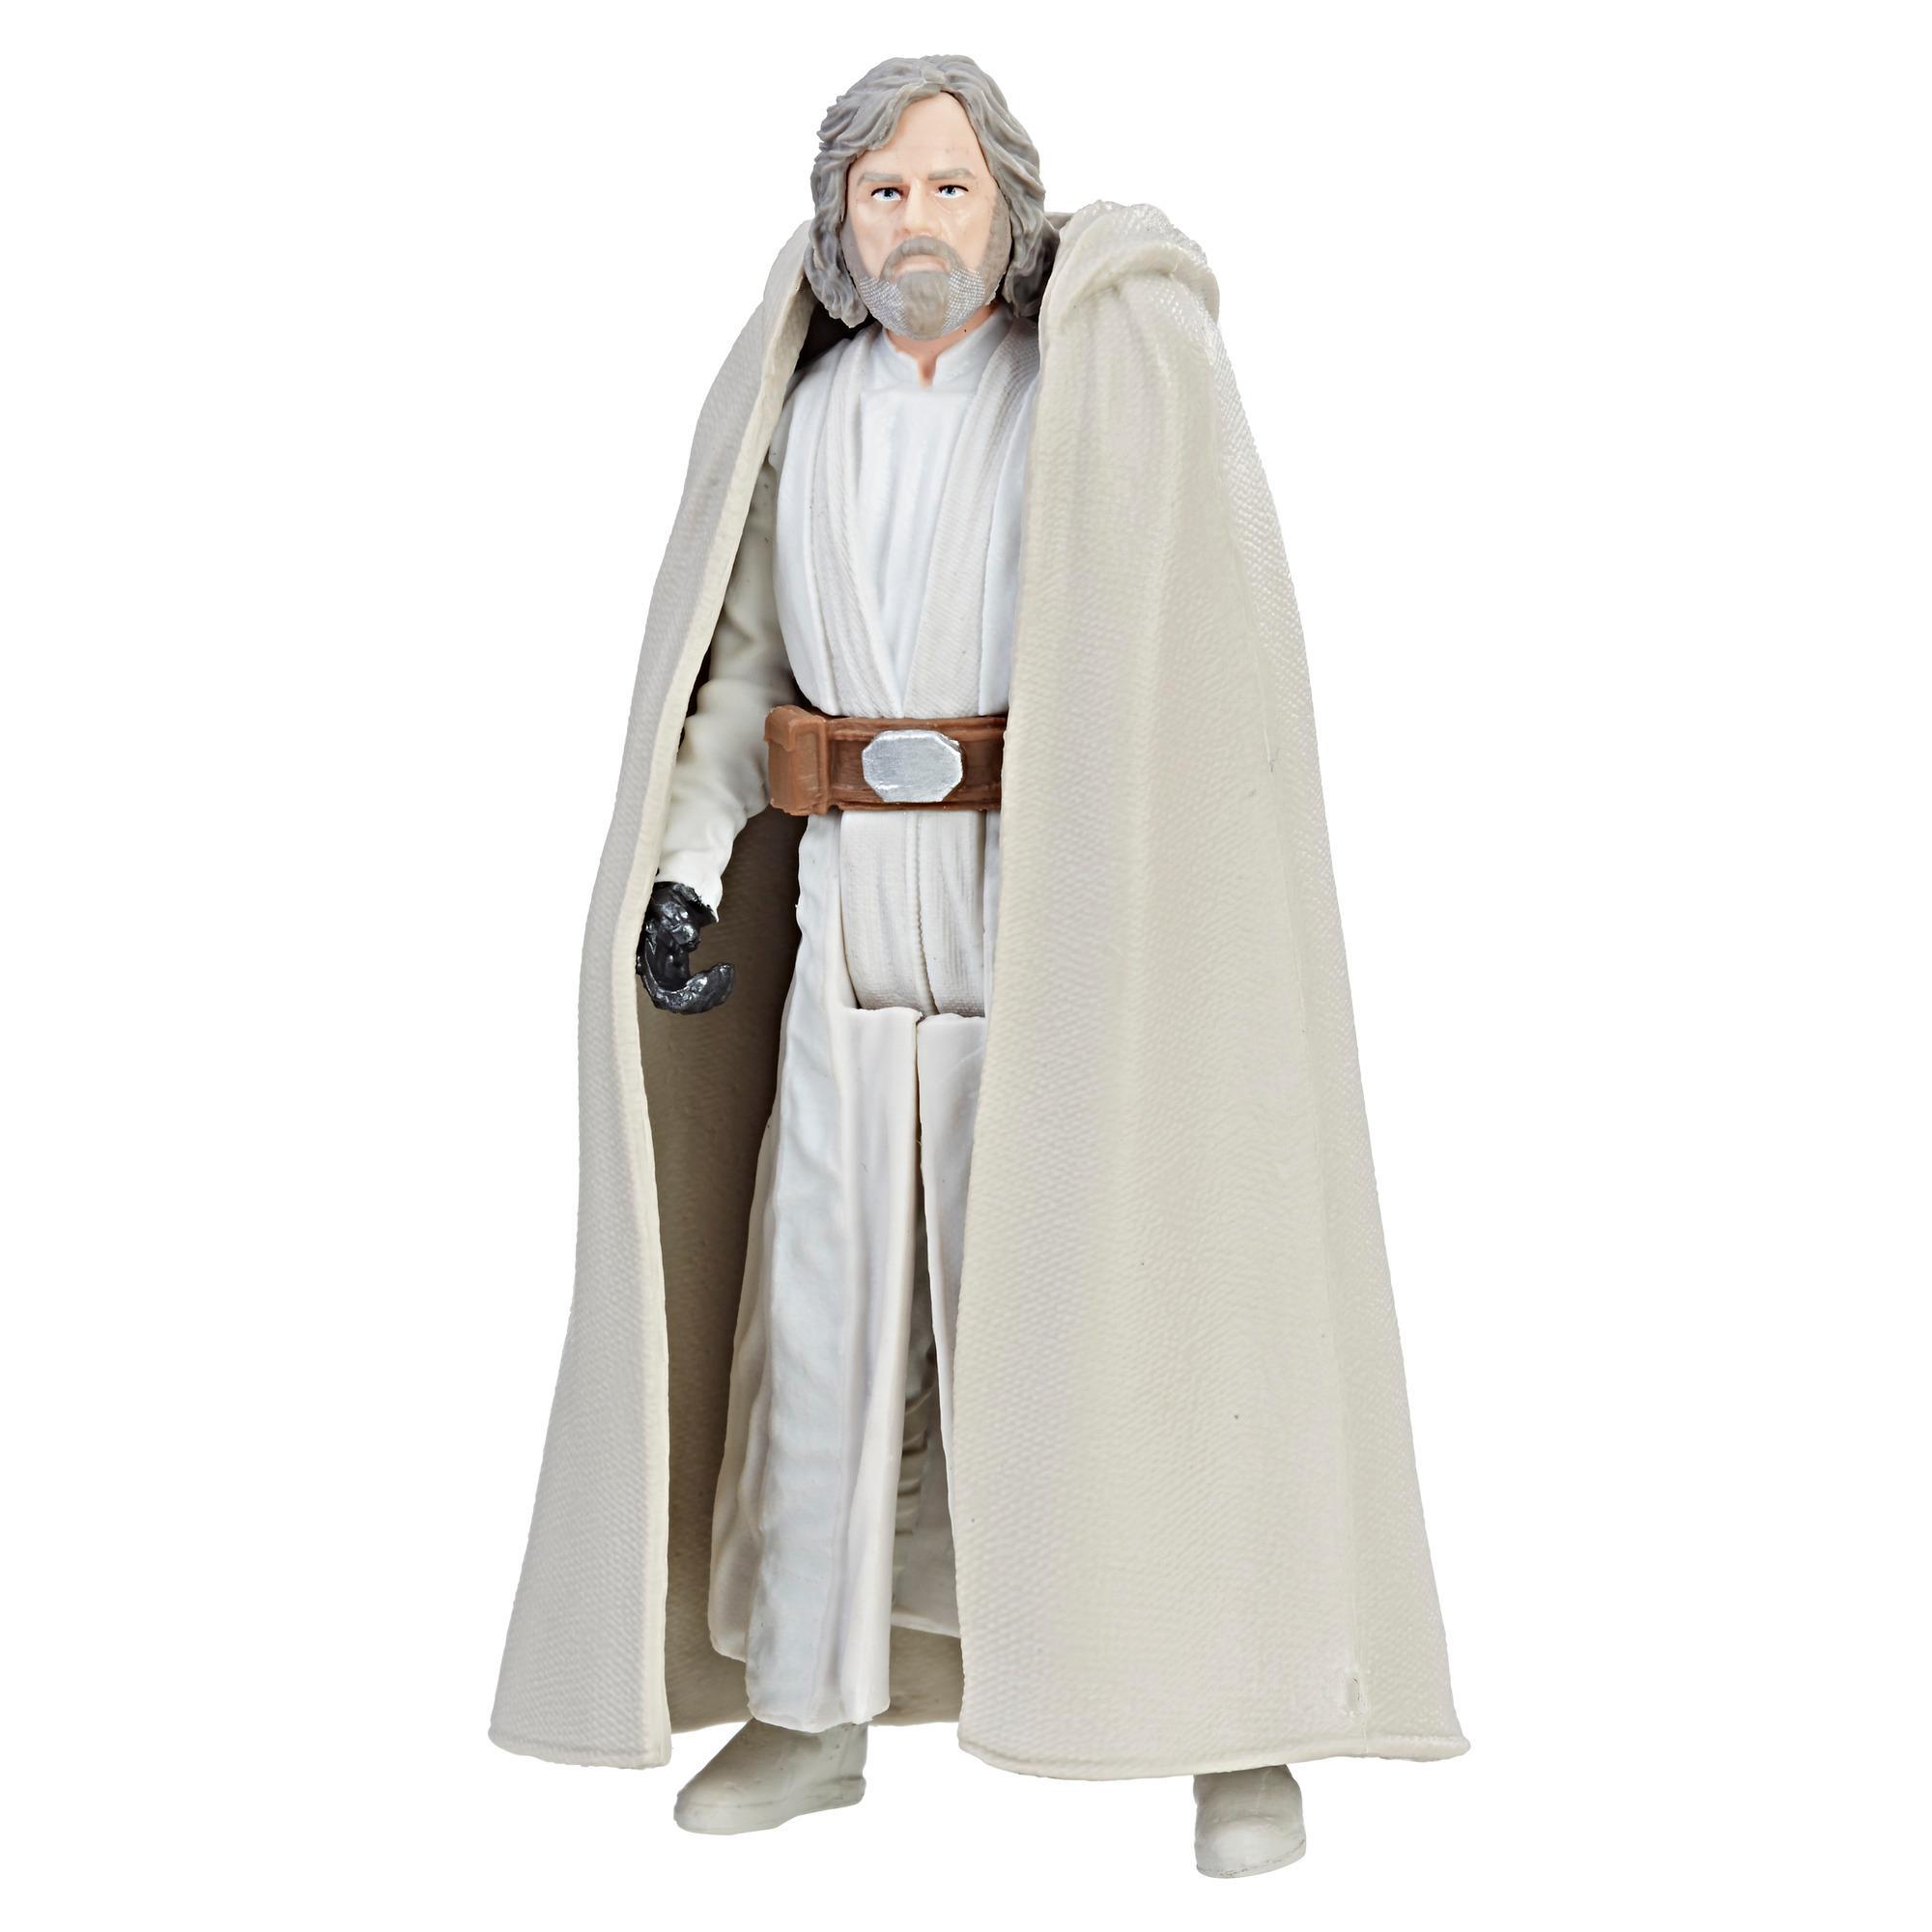 Star Wars - Figurine Force Link Luke Skywalker (Maître Jedi)